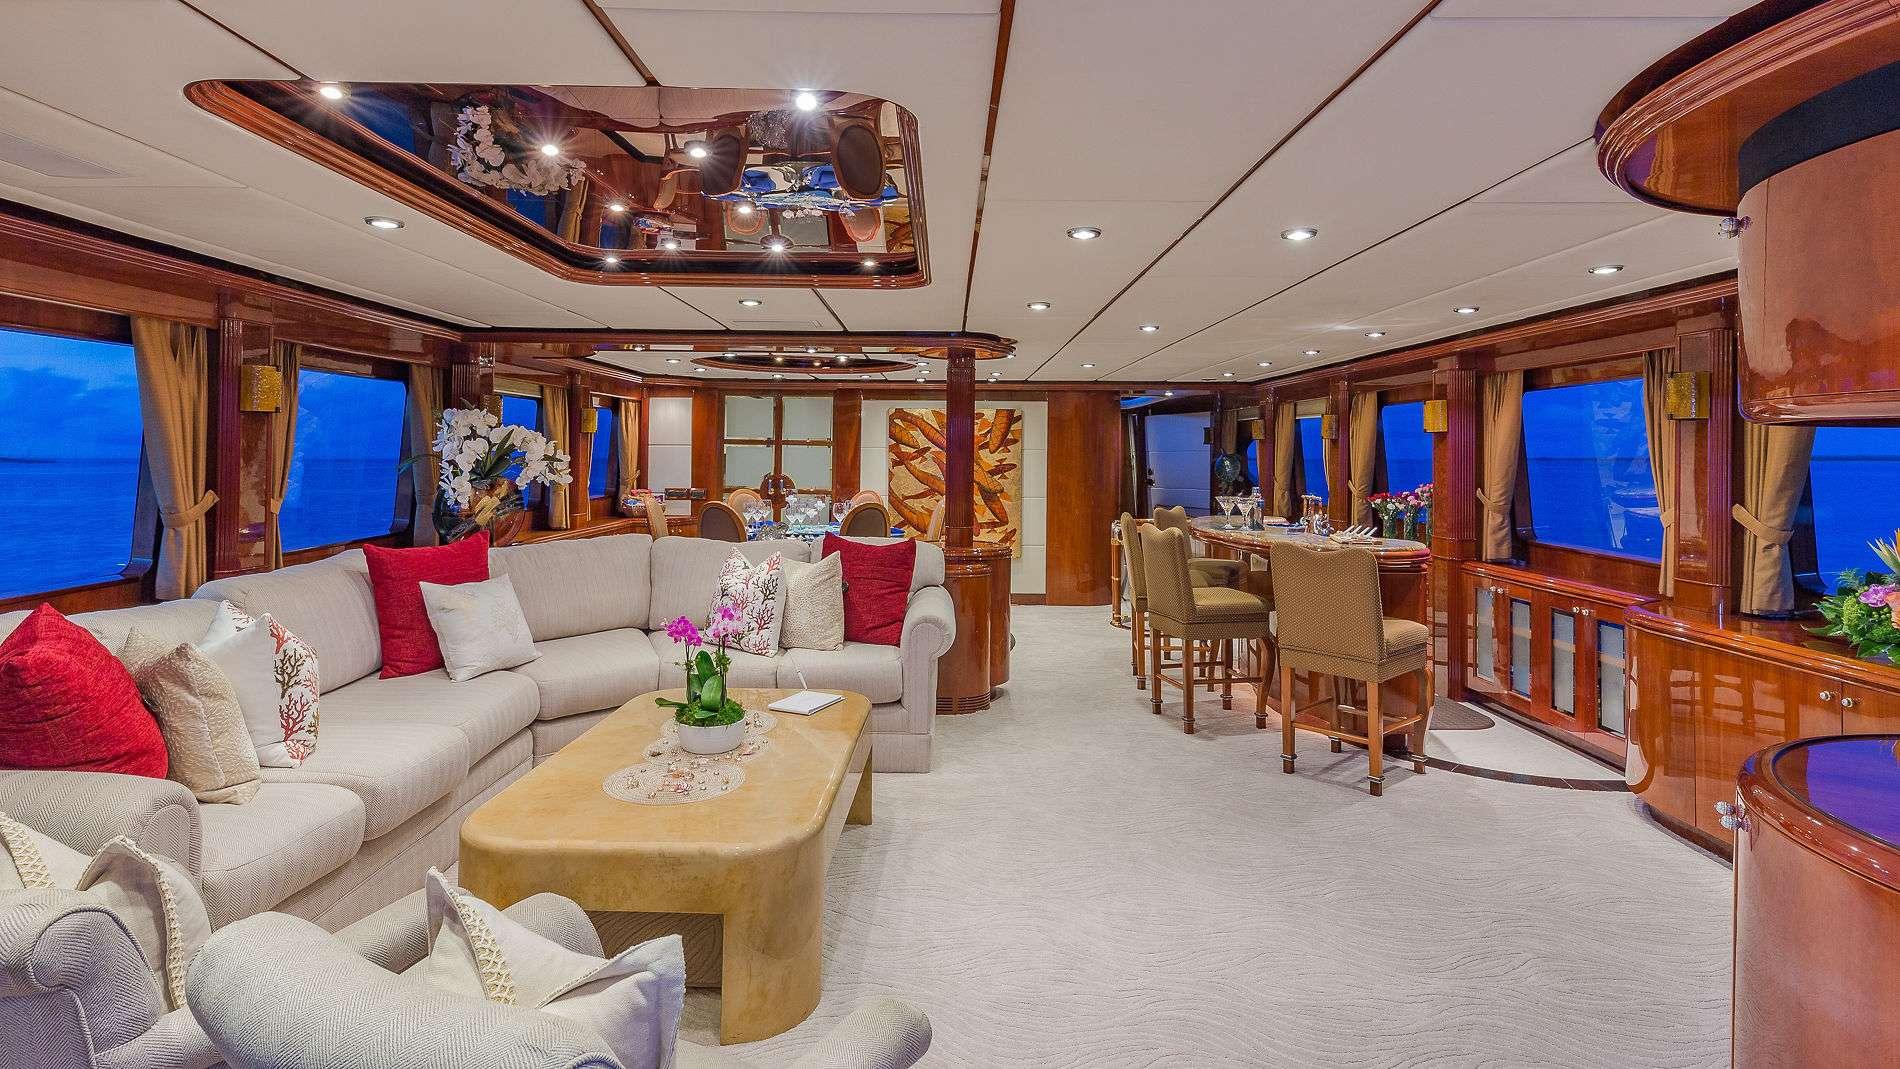 Motor Yacht 'QUINTESSA' Main Salon Looking Forward, 8 PAX, 4 Crew, 94.00 Ft, 28.00 Meters, Built 2000, Destiny, Refit Year 2019